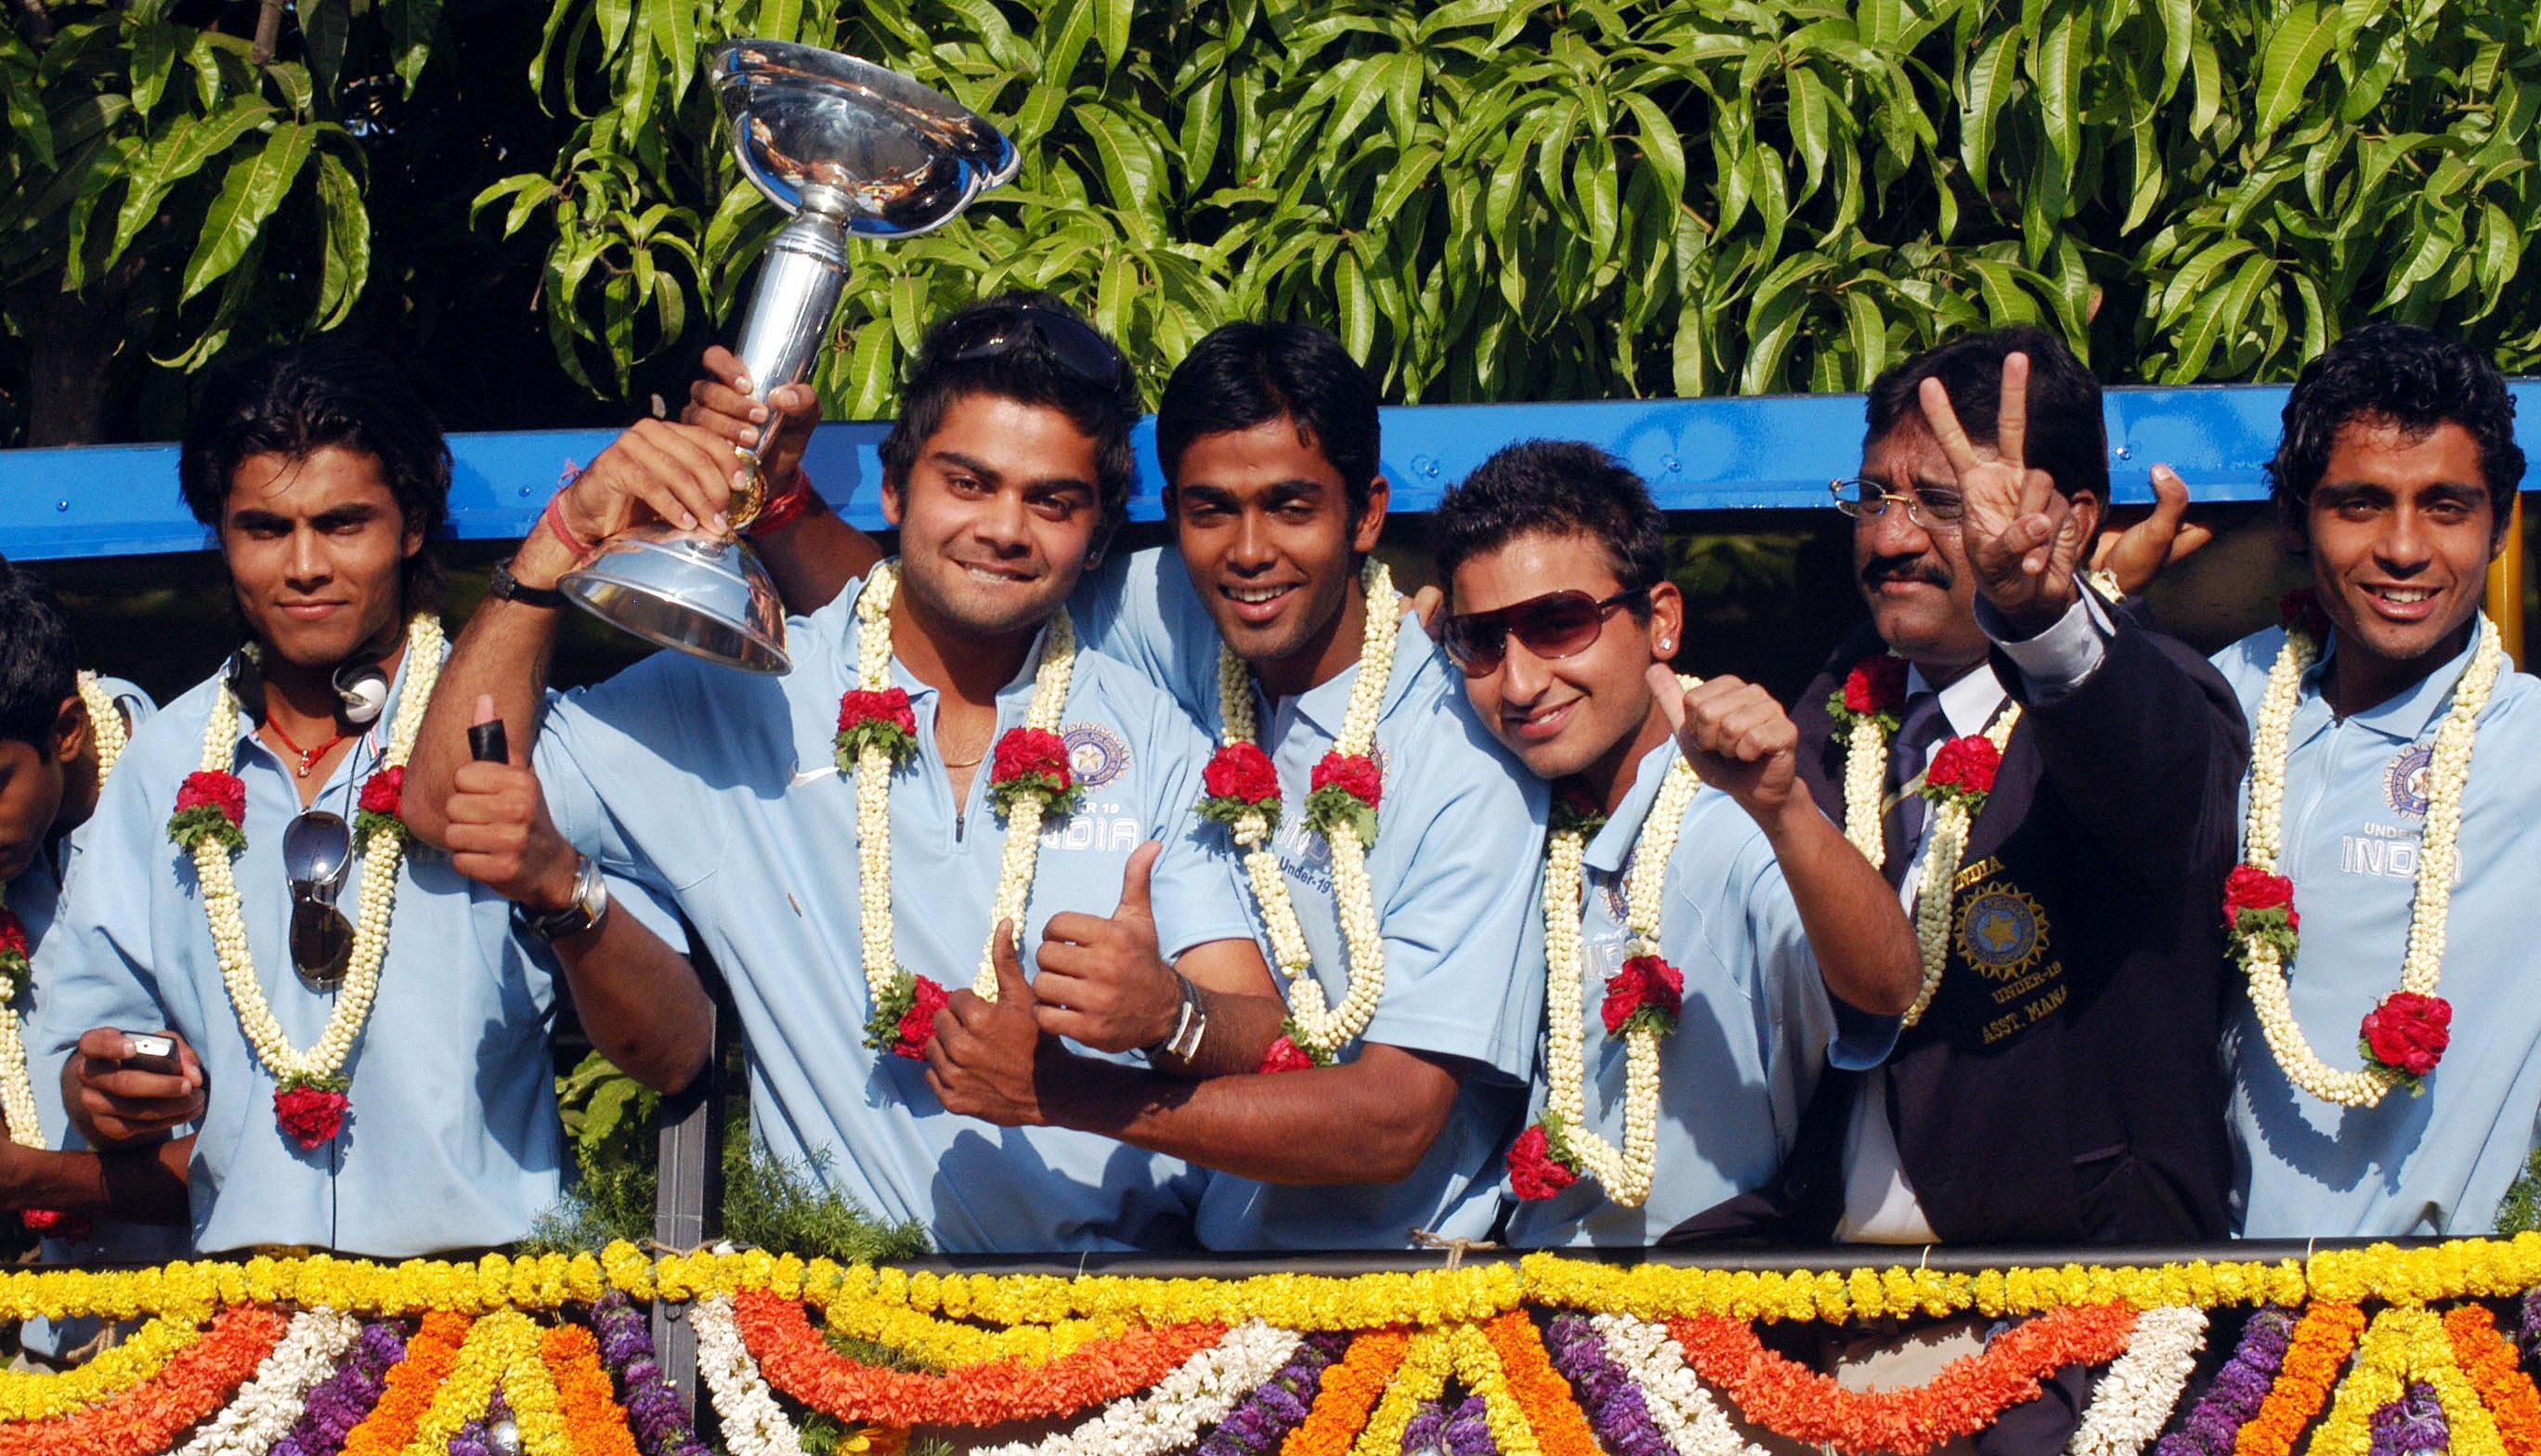 The Graduates – Virat Kohli